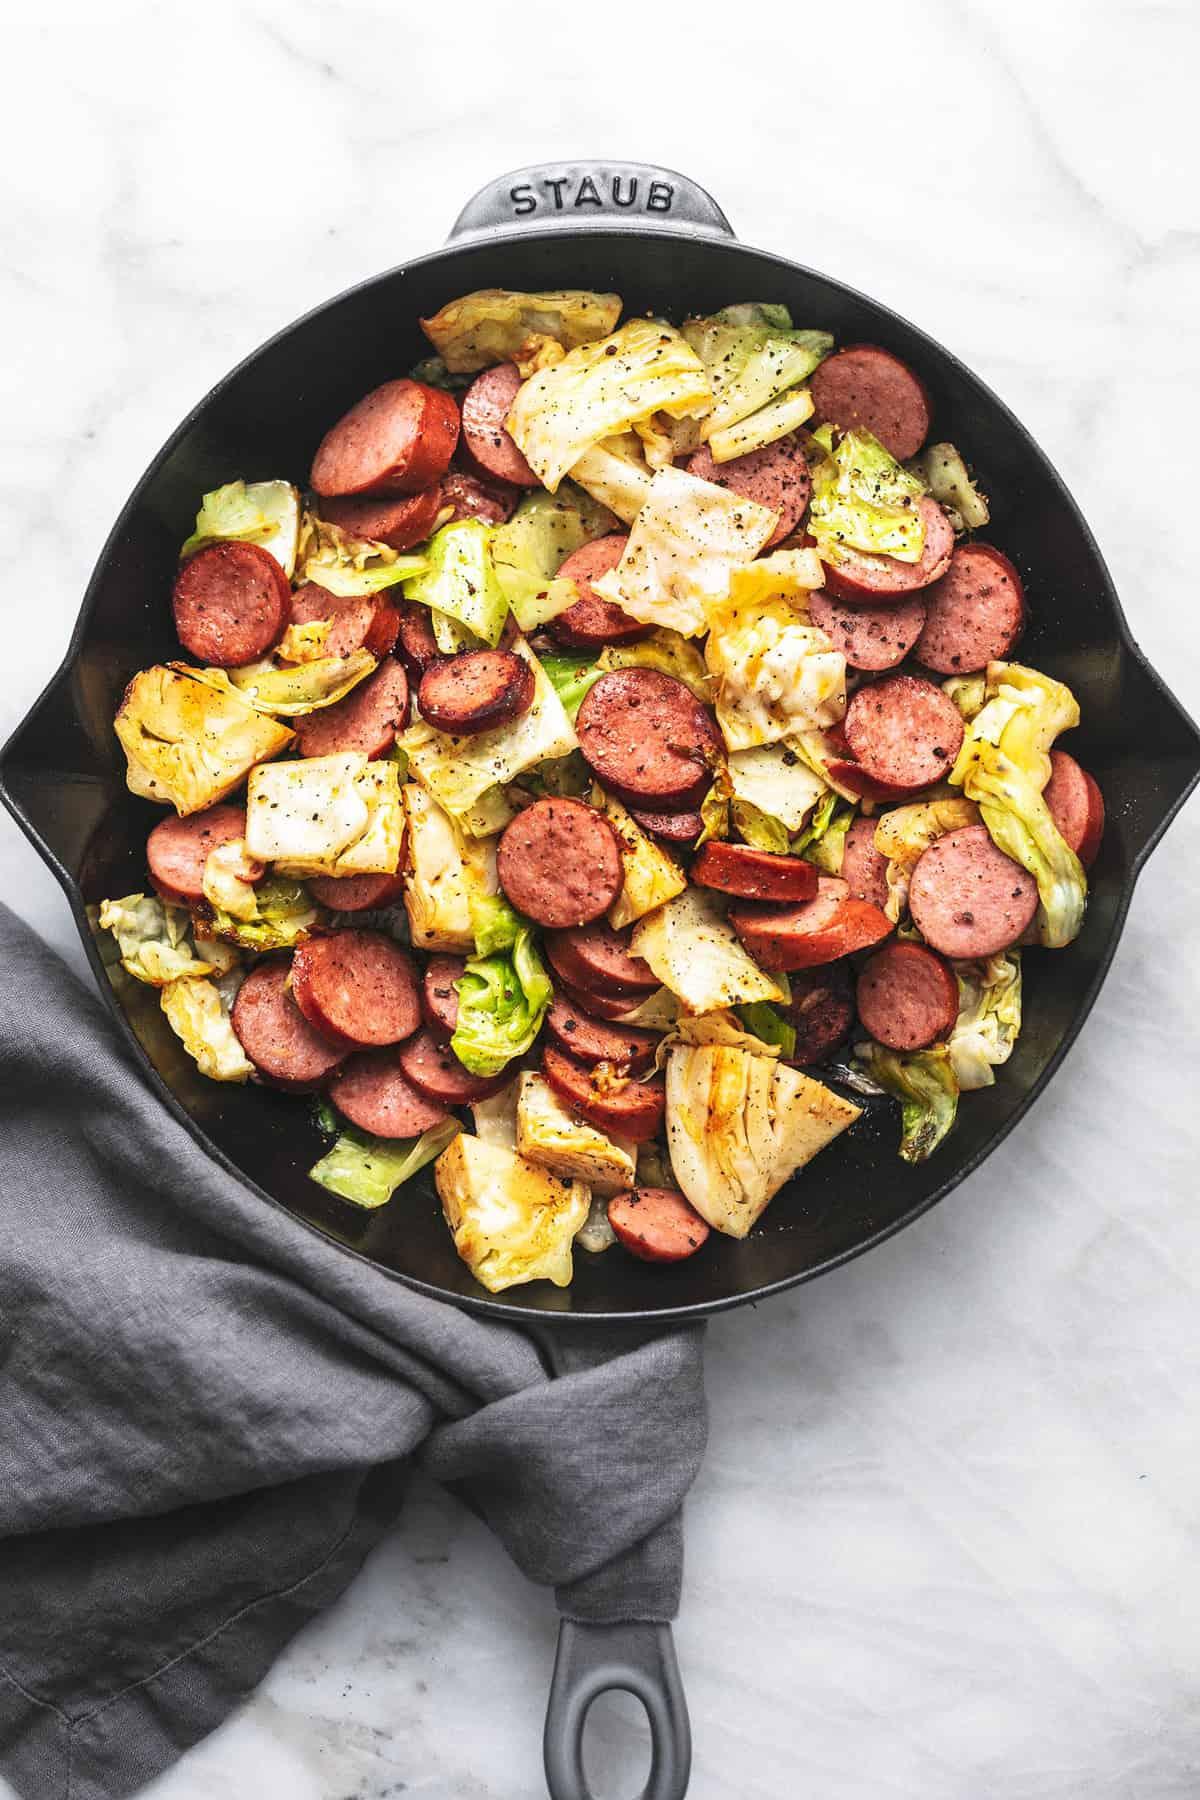 Einfache 30-minütige Wurst und Kohl Pfanne gesundes Abendessen Rezept | lecremedelacrumb.com